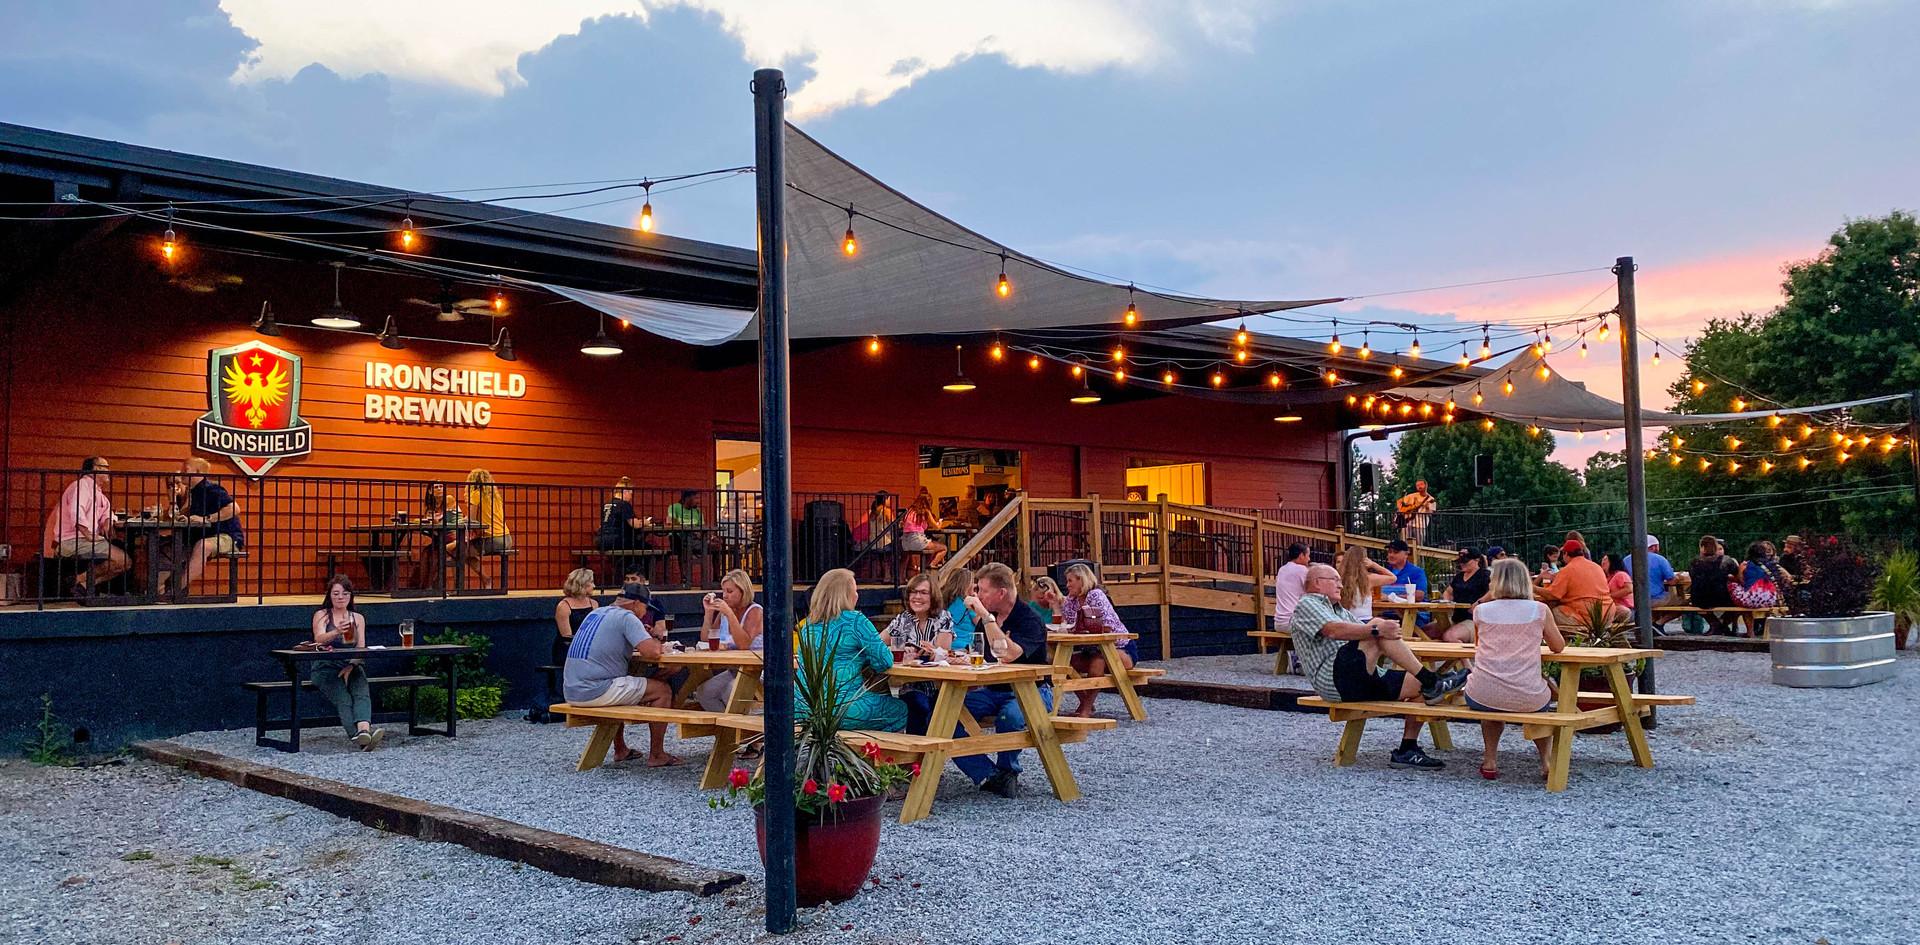 Evening in the Beer Garden